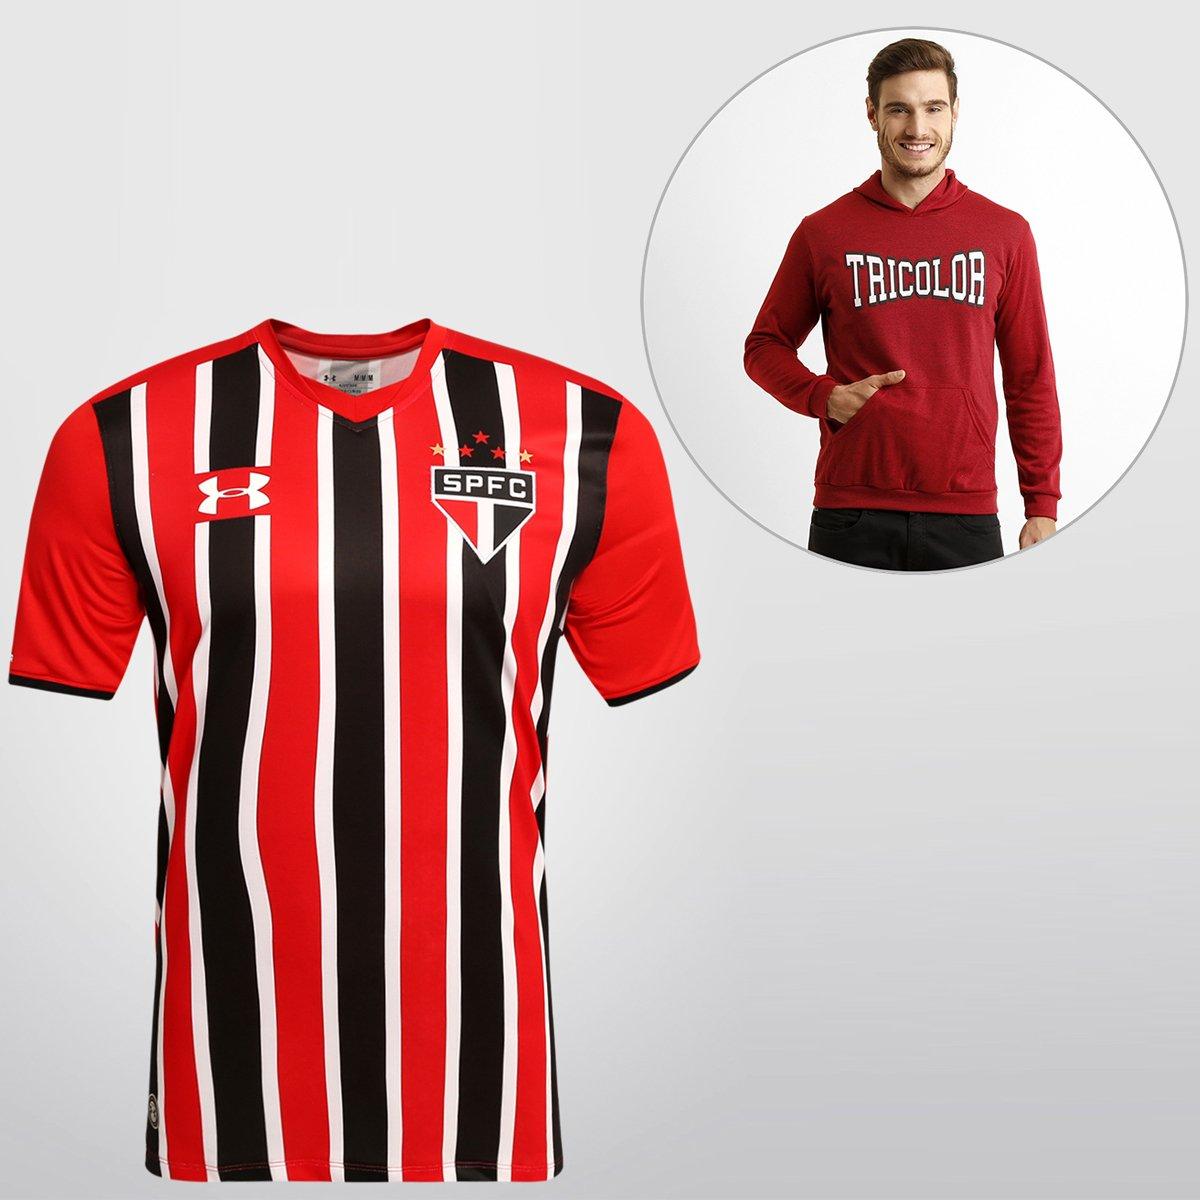 be6ecfed345 Kit SPFC - Camisa Under Armour São Paulo II 15 16 s nº + Blusão College - Compre  Agora